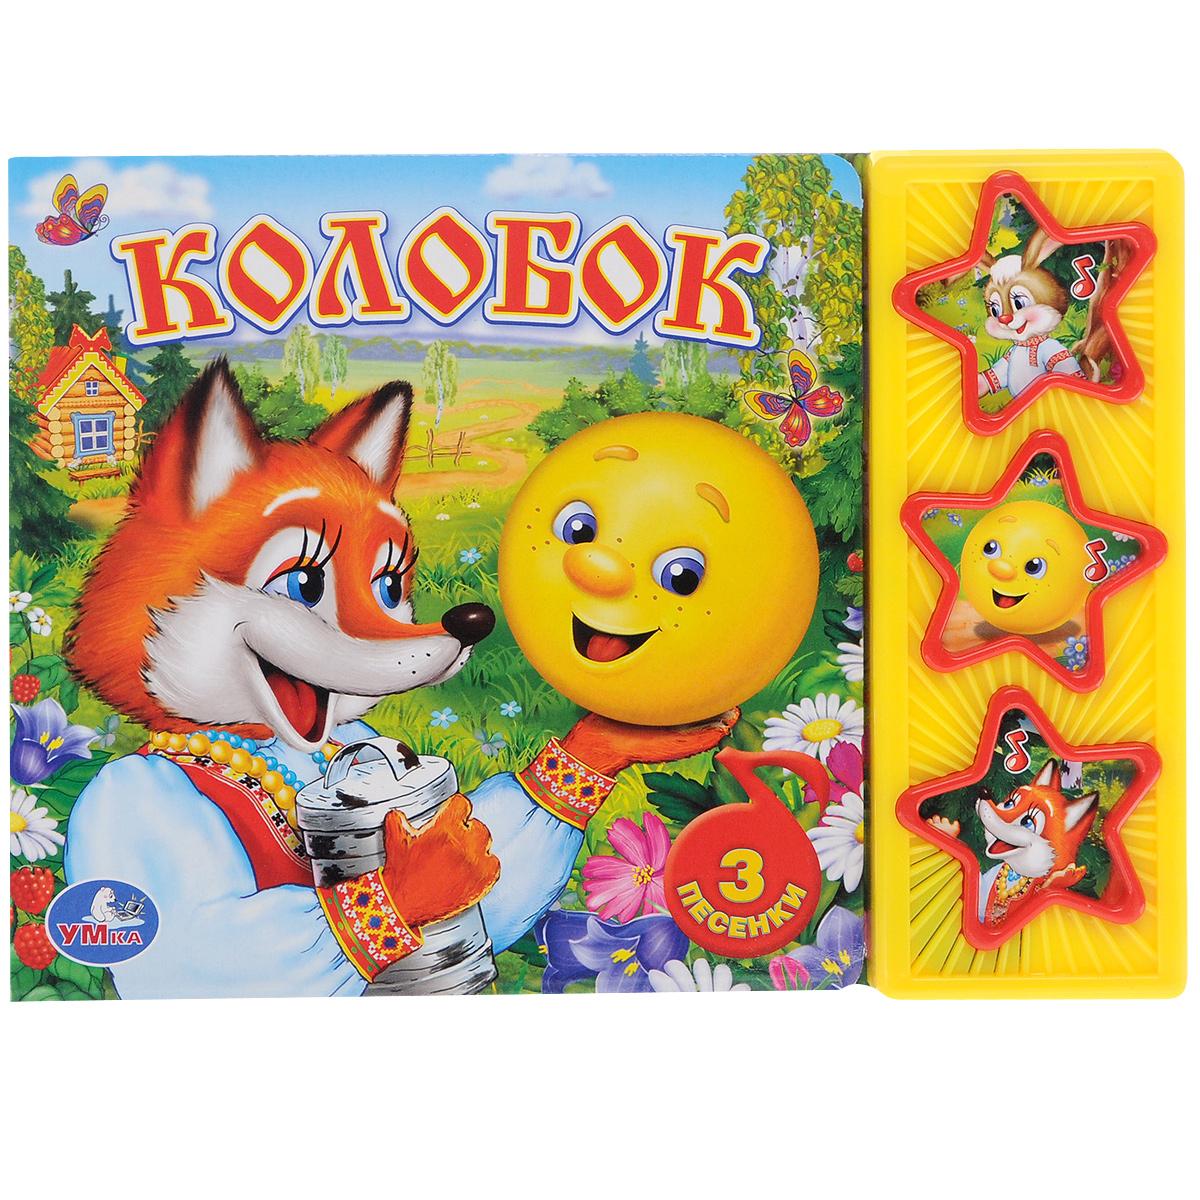 Колобок. Книжка-игрушка12296407Книжка-малышка с тремя песенками и яркими иллюстрациями - это прекрасный подарок для вашего малыша. Нажимая на кнопки, он будет совершенствовать моторику пальчиков рук, в то время как история о любимых героях перенесёт его в незабываемый мир мультфильмов. Книжка содержит звуковой модуль на 3 кнопки. Для чтения взрослыми детям.